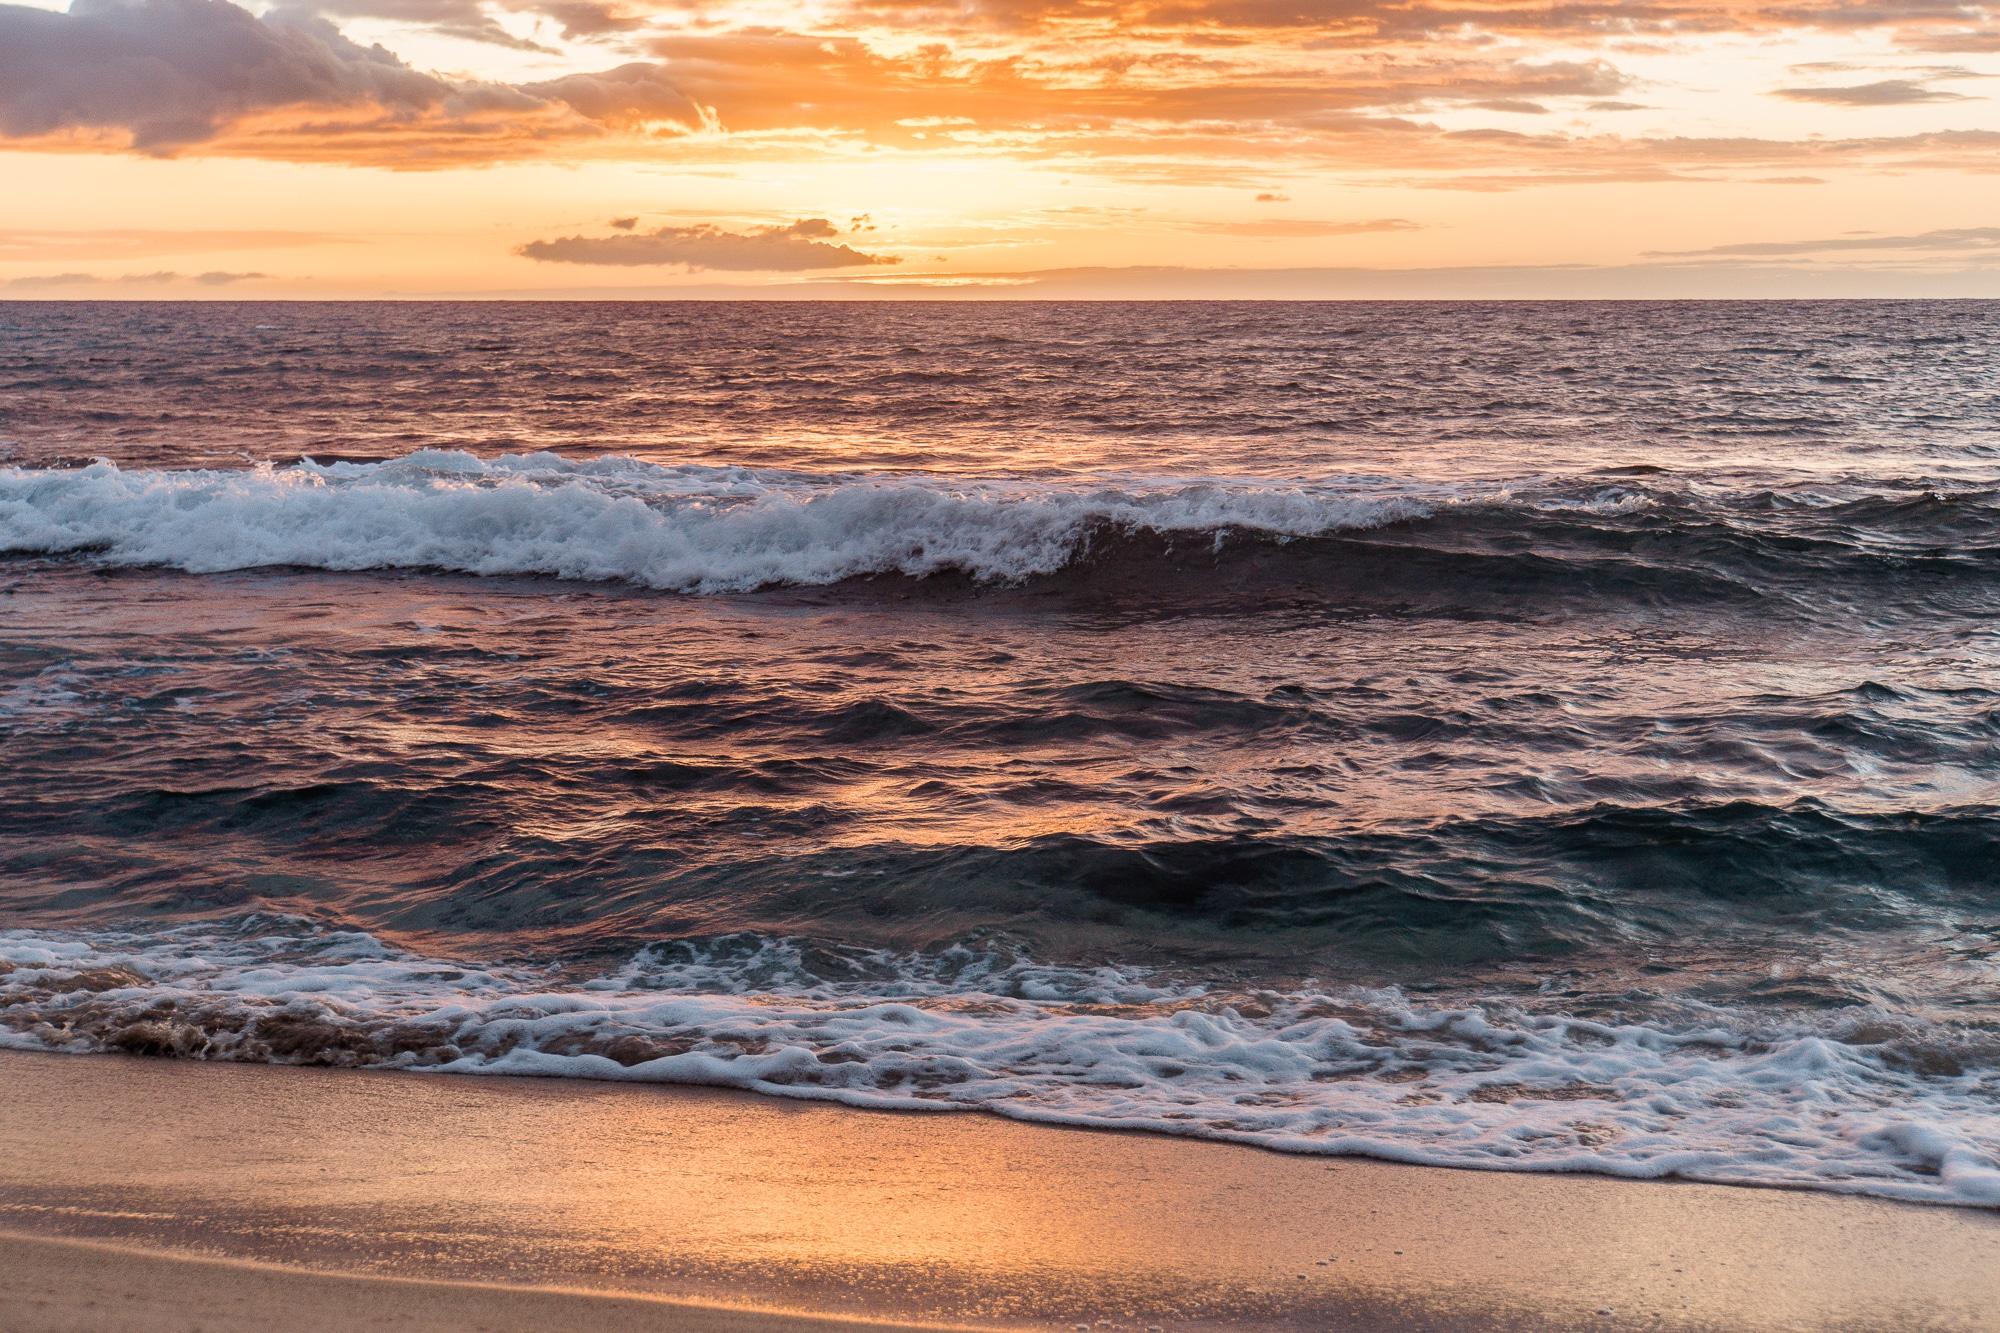 Schönste Strände auf Big Island: 6 Traumstrände für eure Hawaii Reise - Kukio Bay